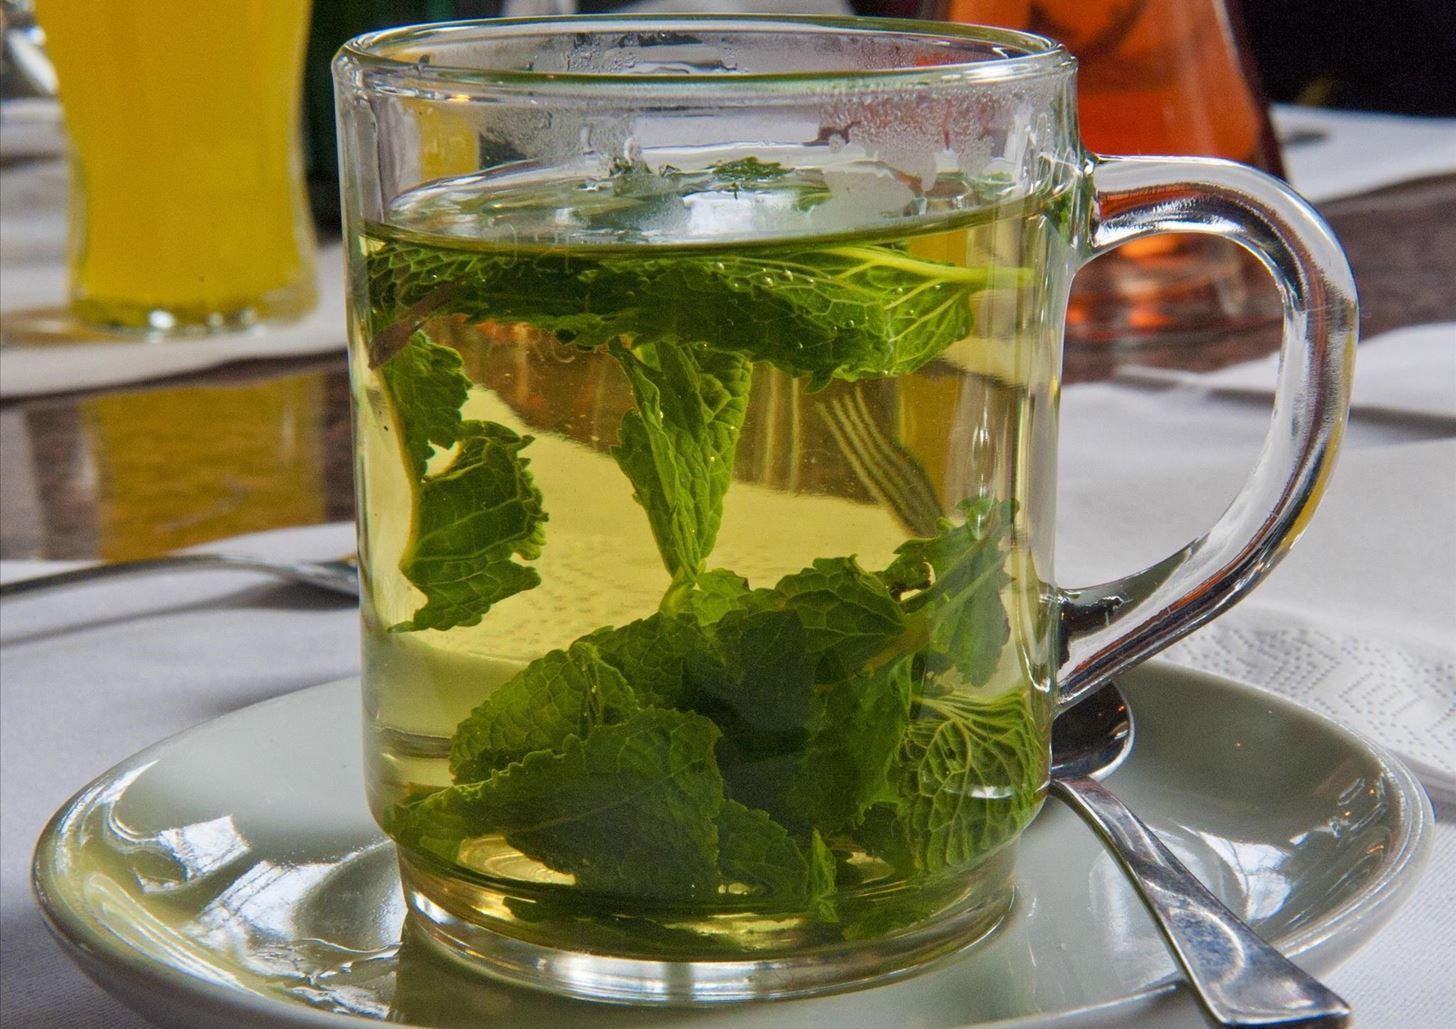 Как заваривать лист смородины, полезные свойства и противопоказания